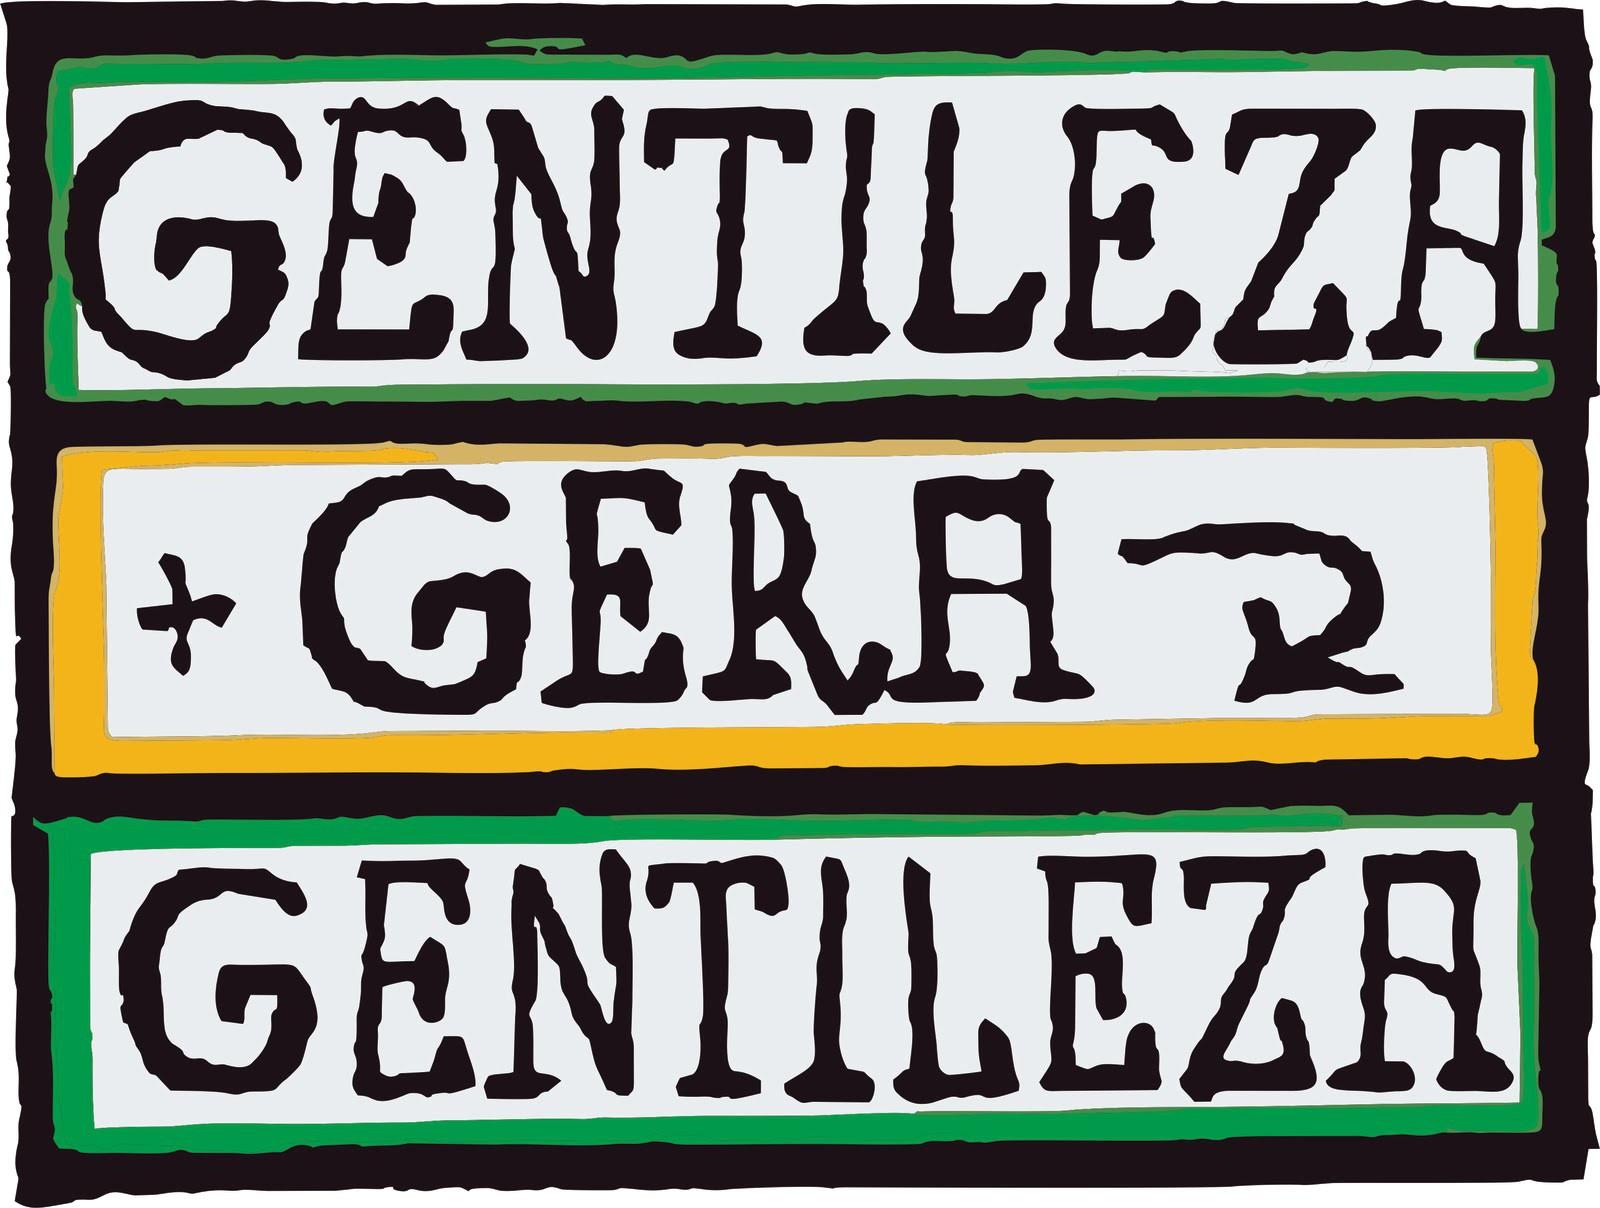 A frase com as letras e cores criadas por Gentileza tornou-se popularmente conhecida